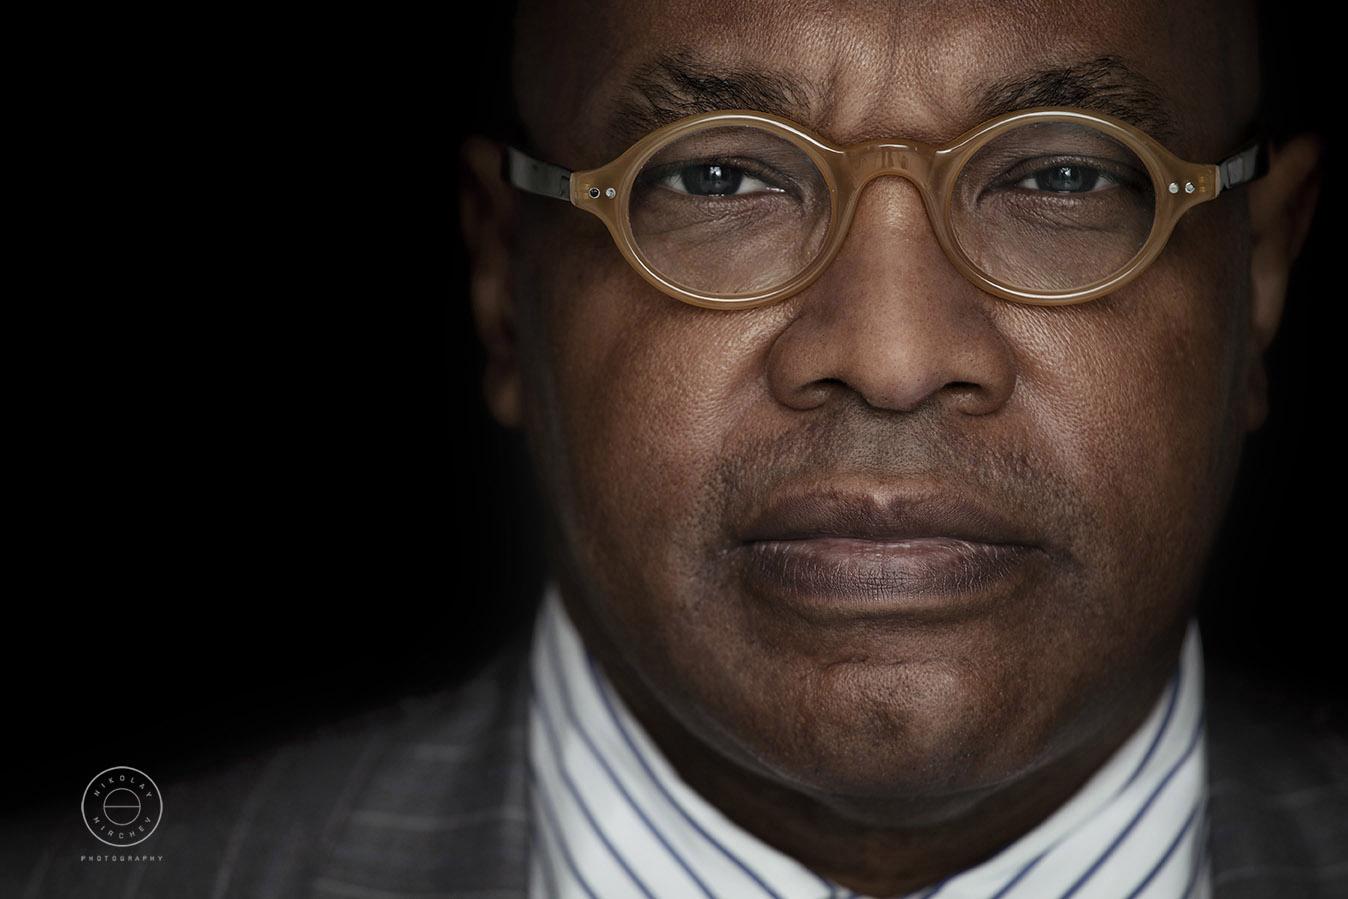 Portrait Photograph of a Client in Brixton London